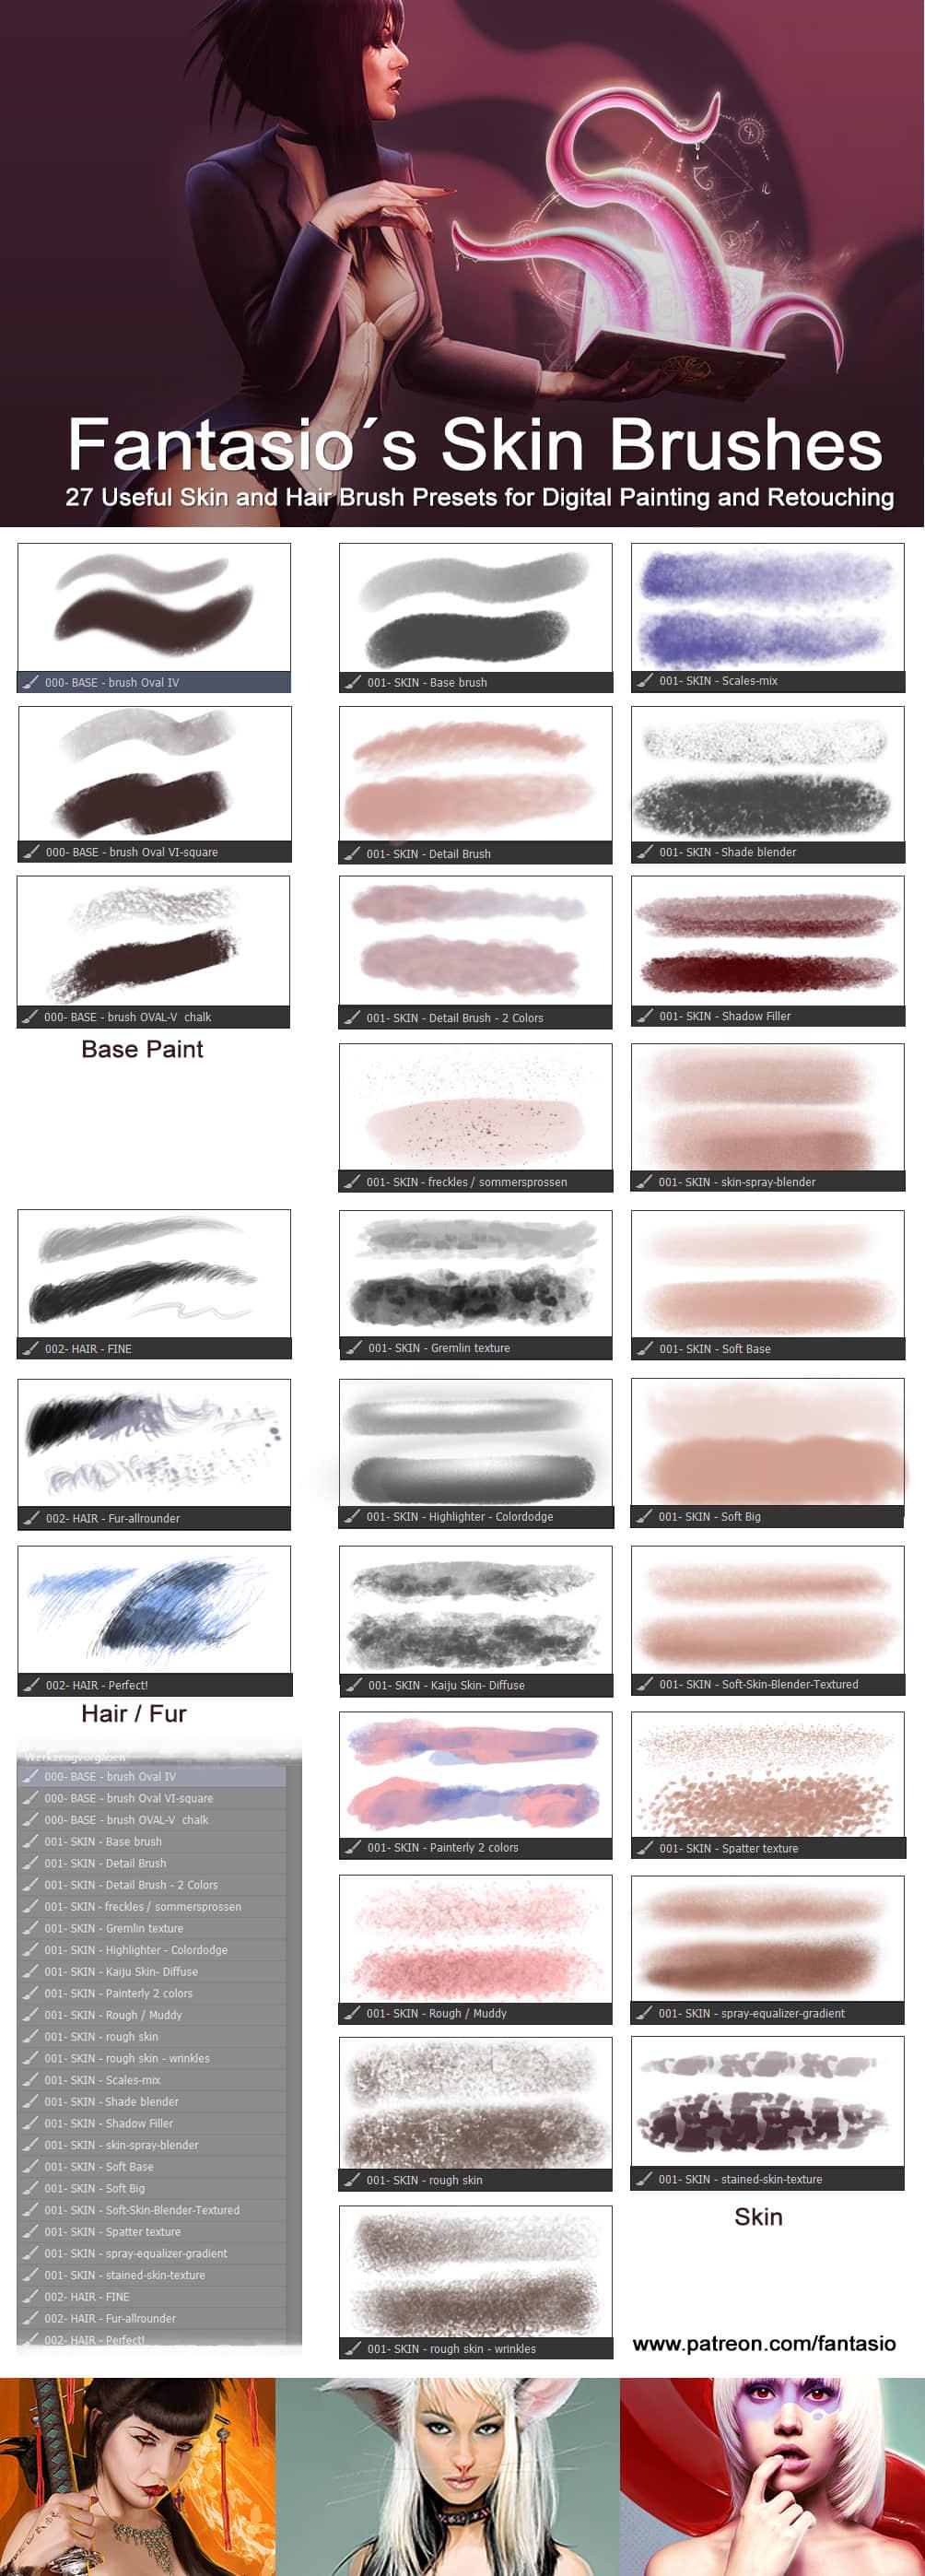 27种皮肤纹理类效果CG绘画PS工具预设TPL笔刷素材 皮肤笔刷 插画笔刷 tpl工具笔刷 CG笔刷 .tpl格式素材  photoshop brush